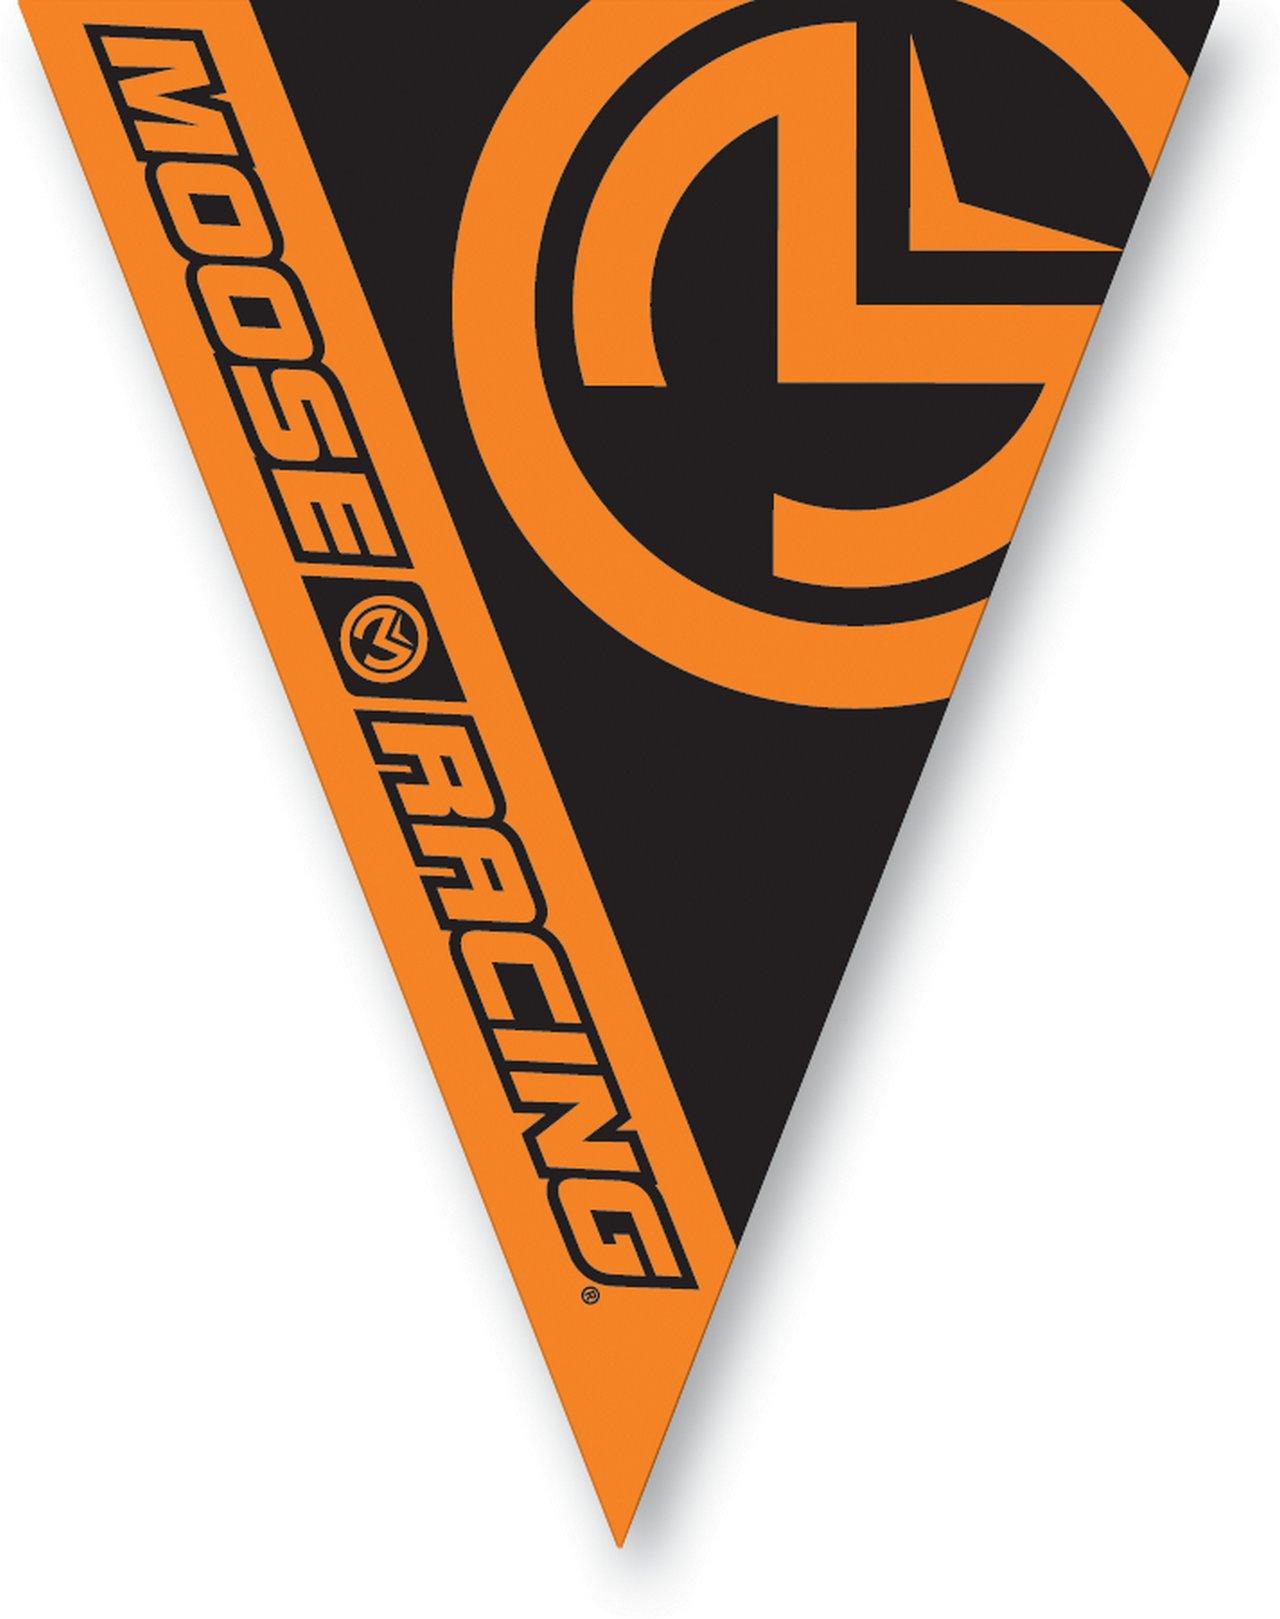 【MOOSE RACING】PENNANT 旗幟 [9904-0386] - 「Webike-摩托百貨」